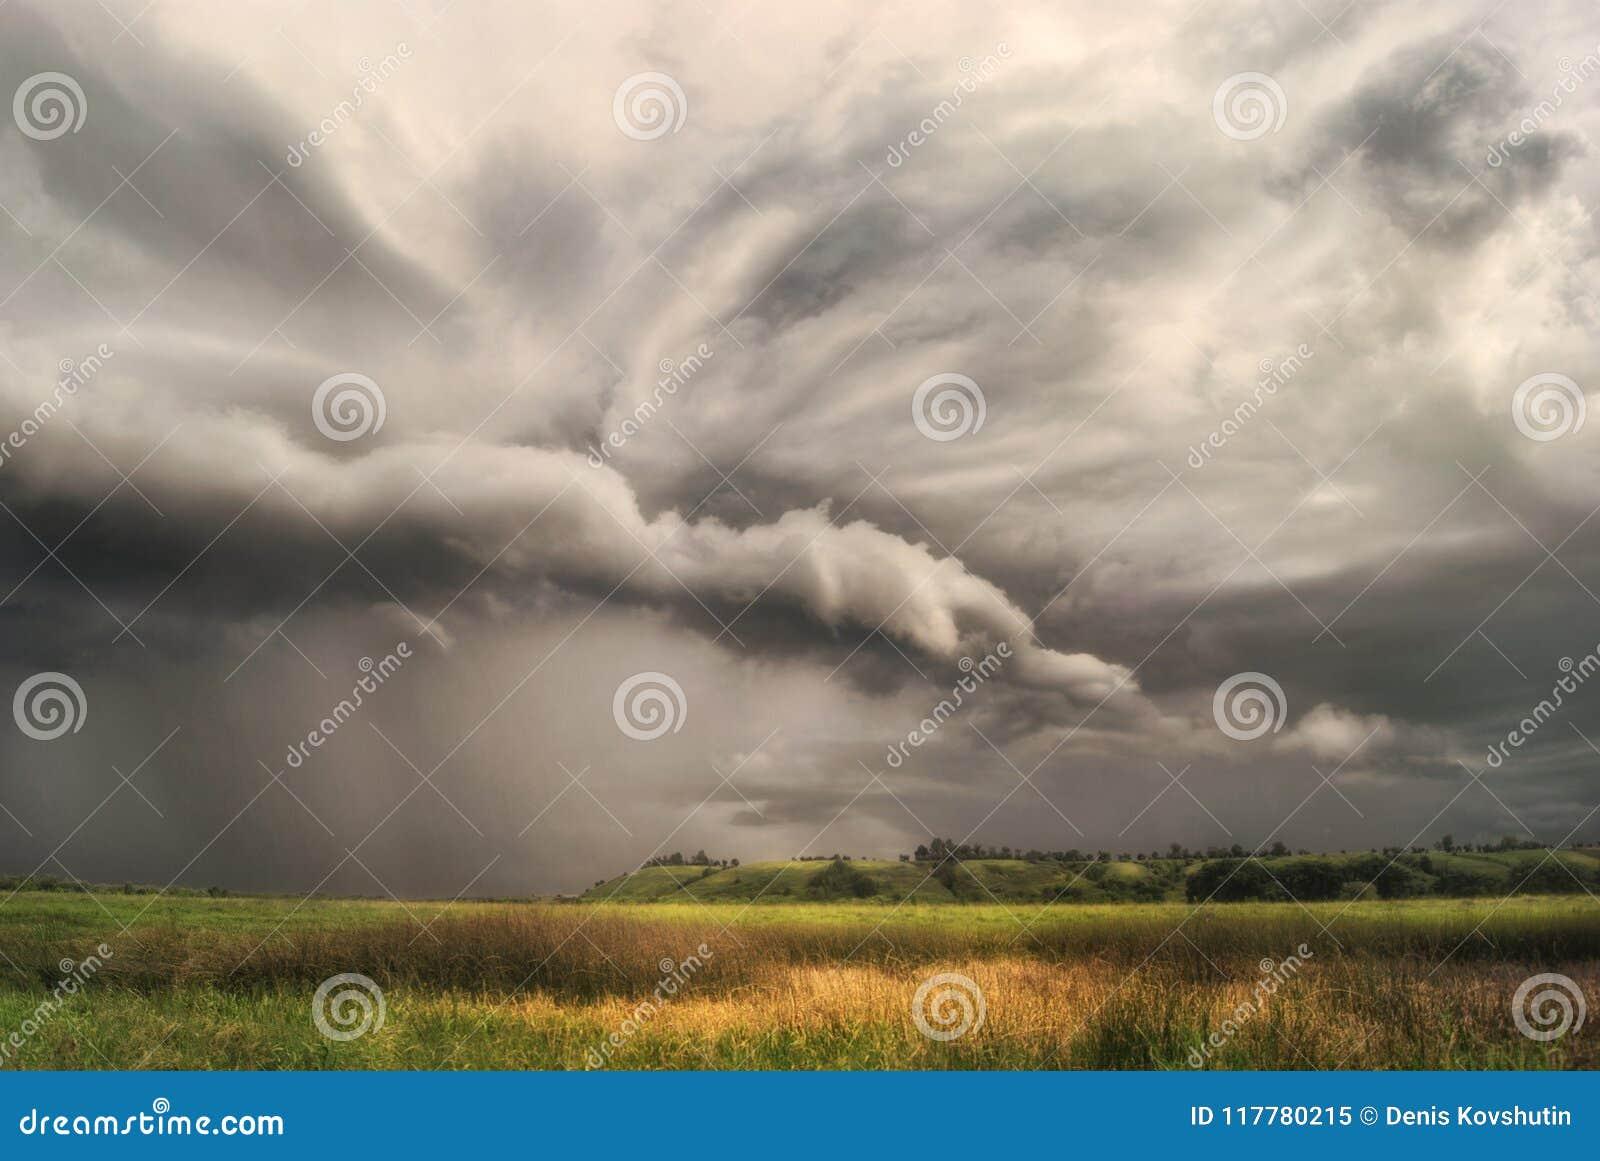 Wirbelsturmsturm über Feldern und Wiesen nähert sich dem hügeligen Tal Regnerischer bewölkter Tag